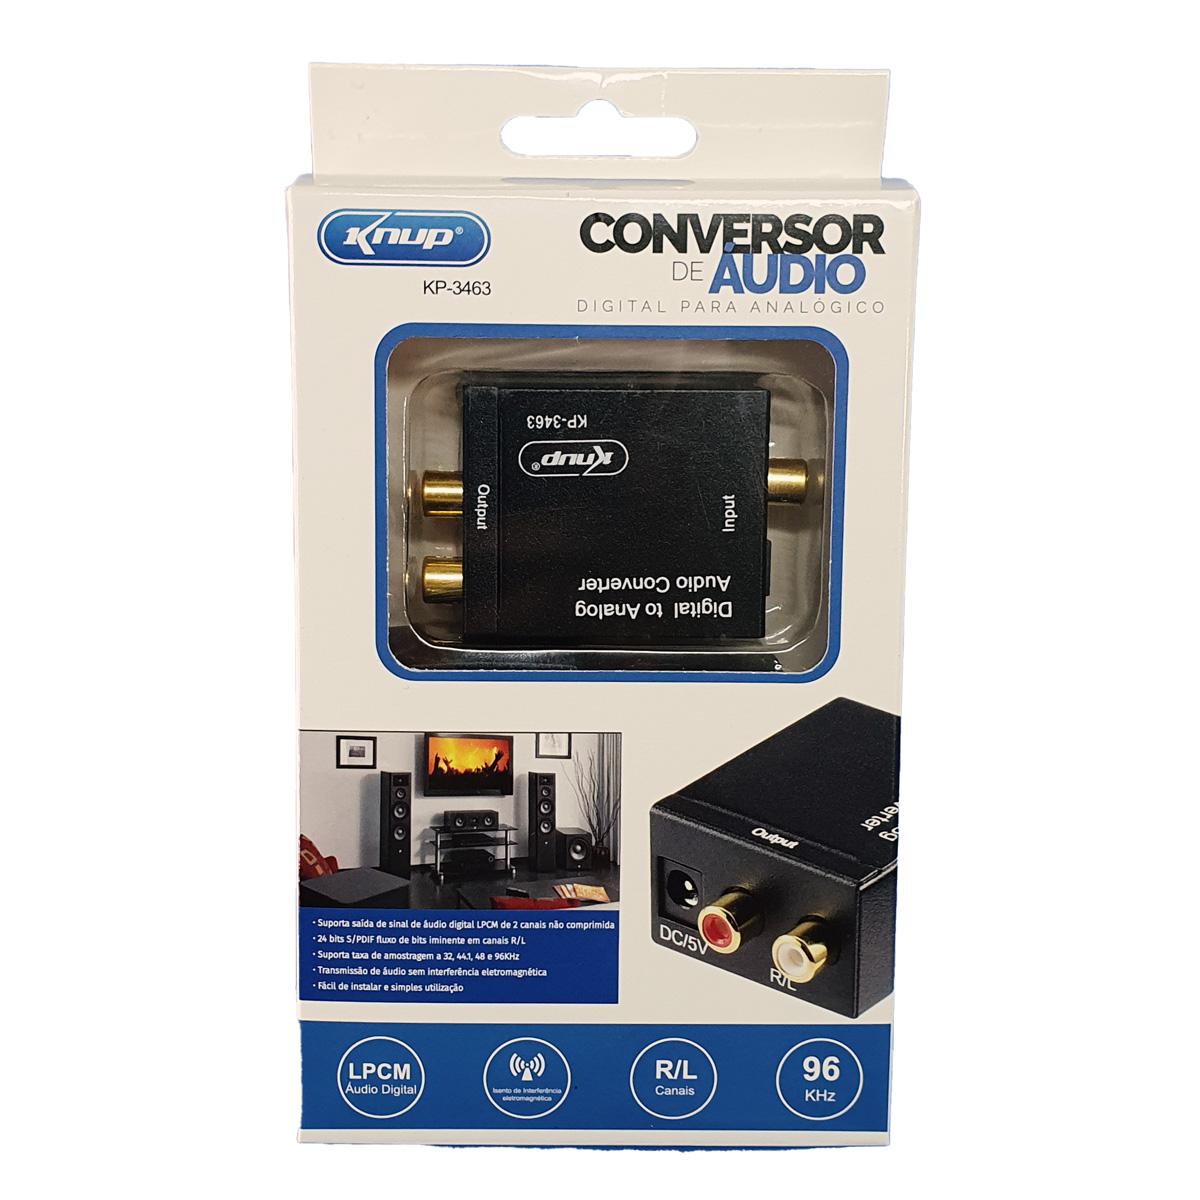 Conversor de Áudio Digital para Analógico KP-3463 Knup